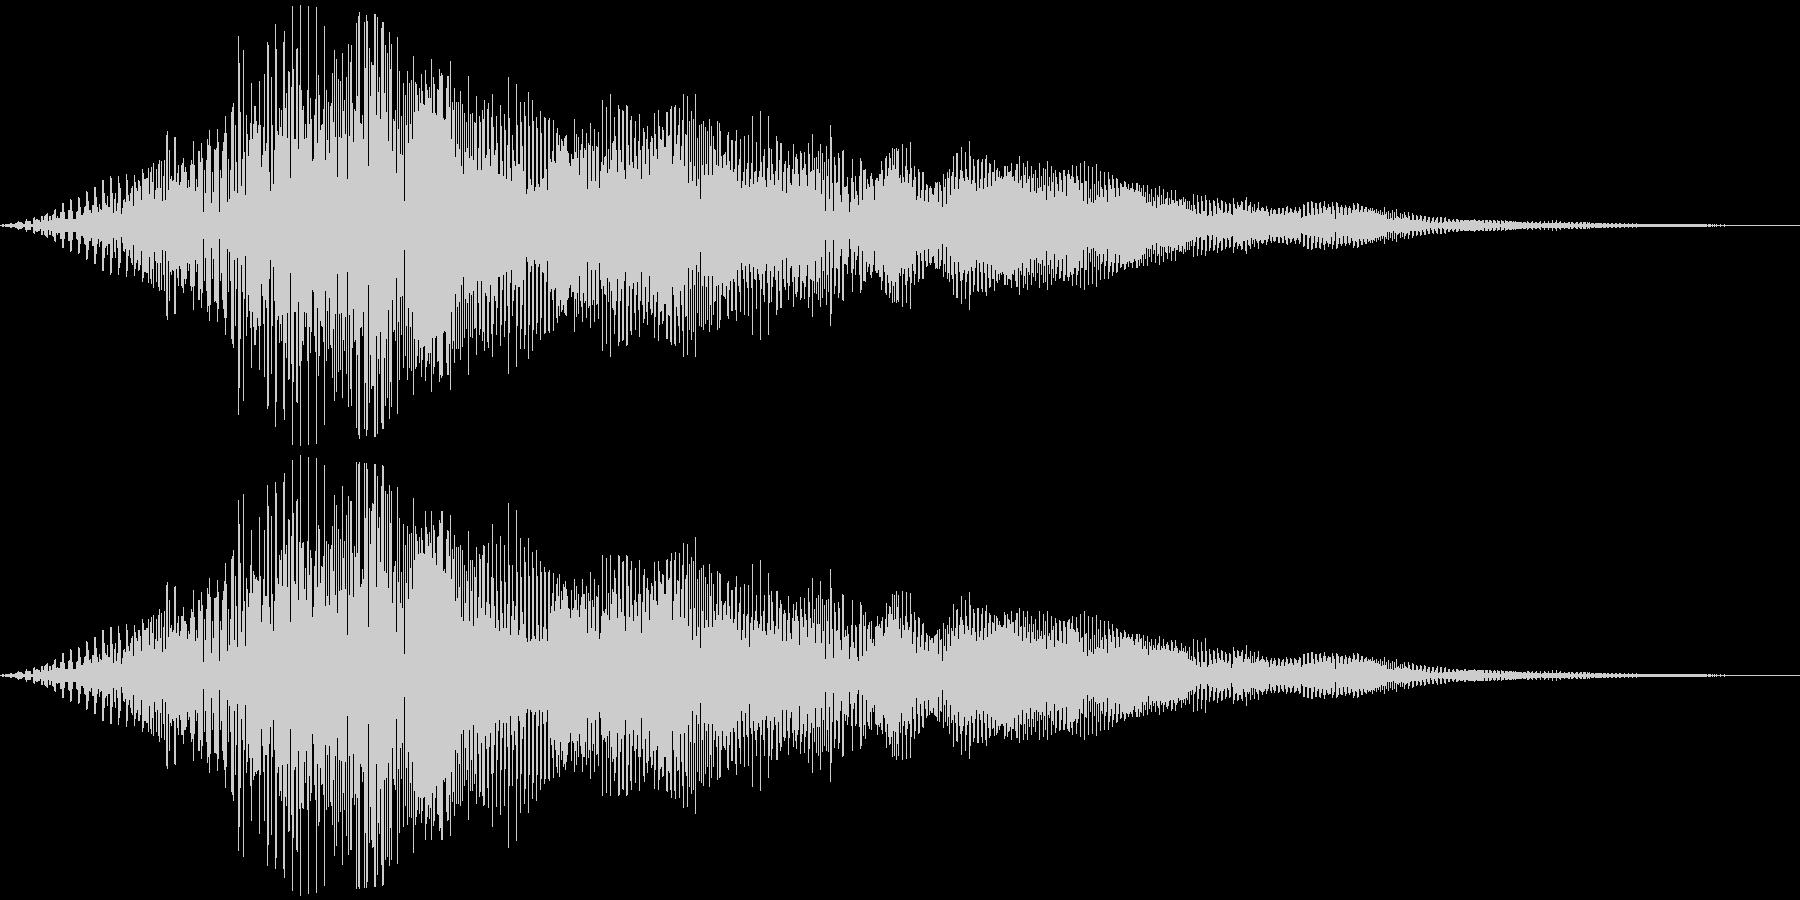 【ダークアンビエント】不気味な空間の未再生の波形